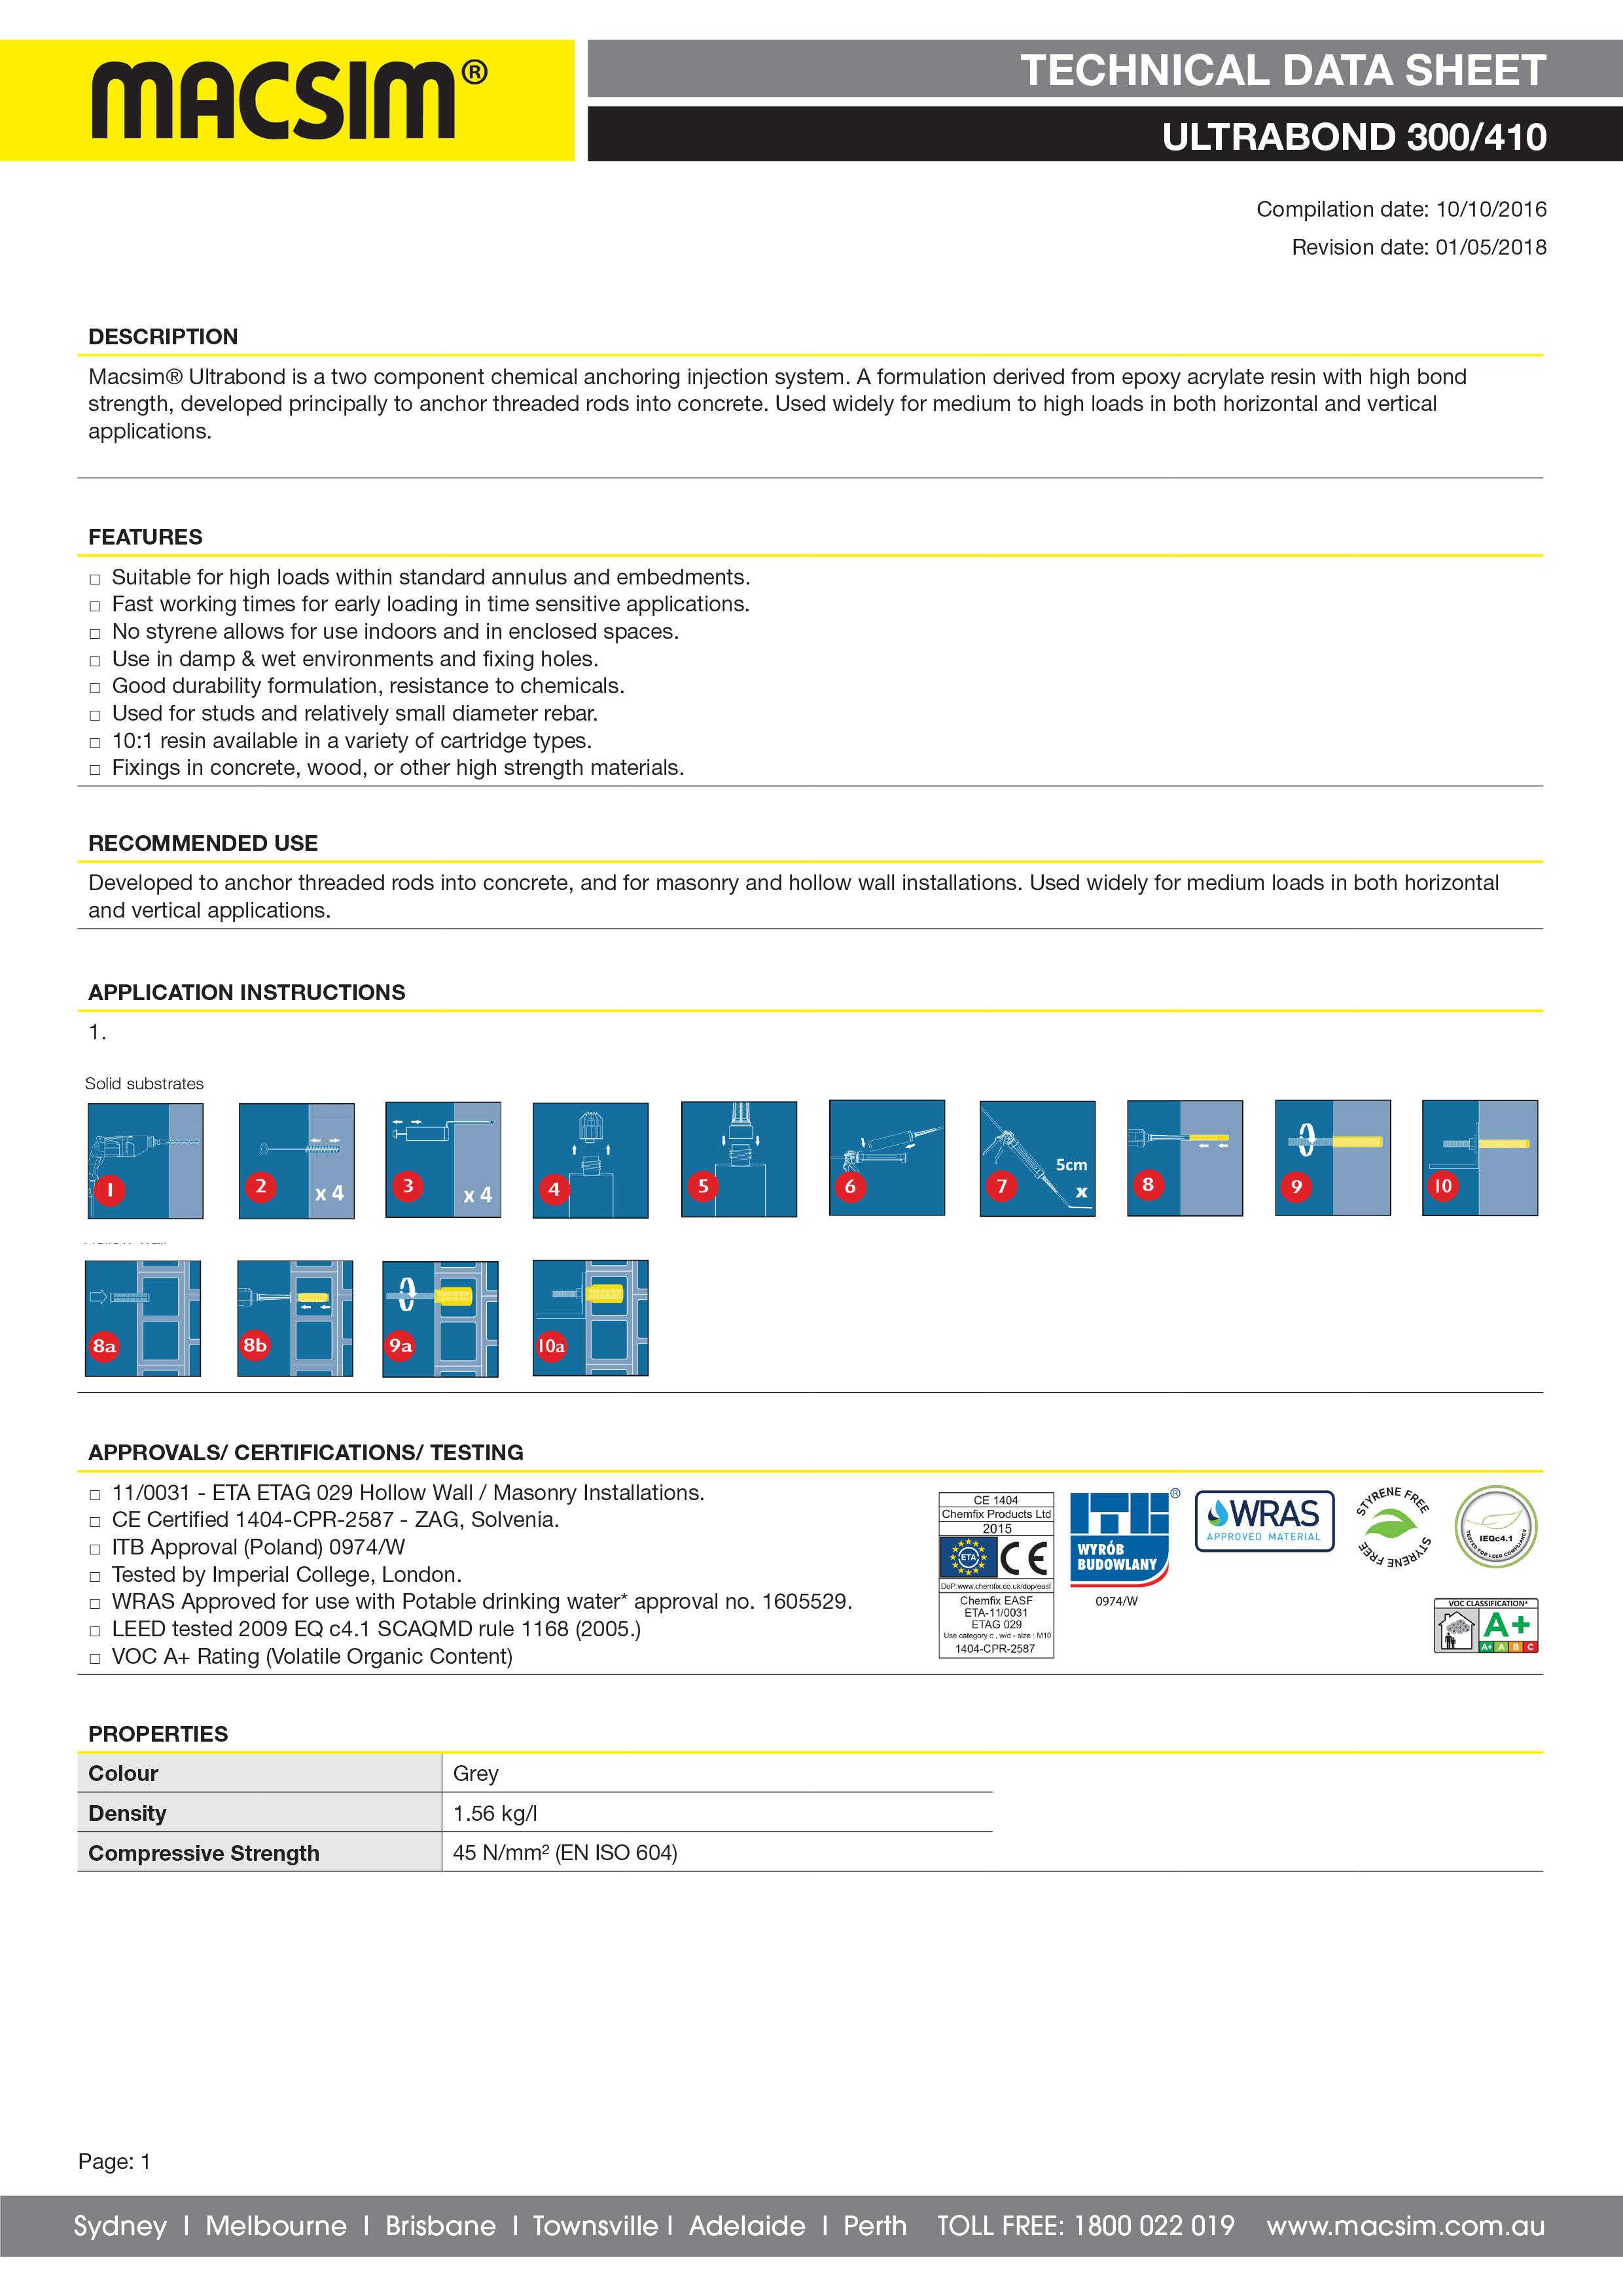 71UB Ultrabond Technical Data Sheet